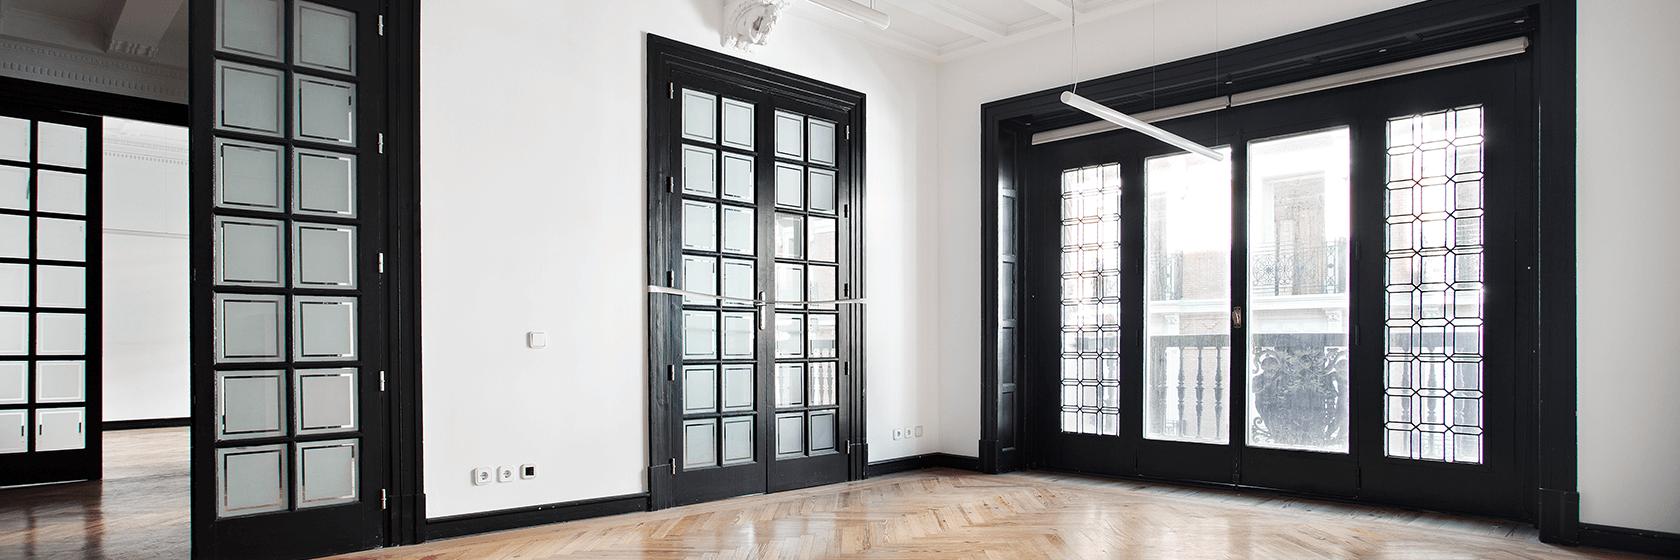 Antes y Después: Modern Times | The Room Studio